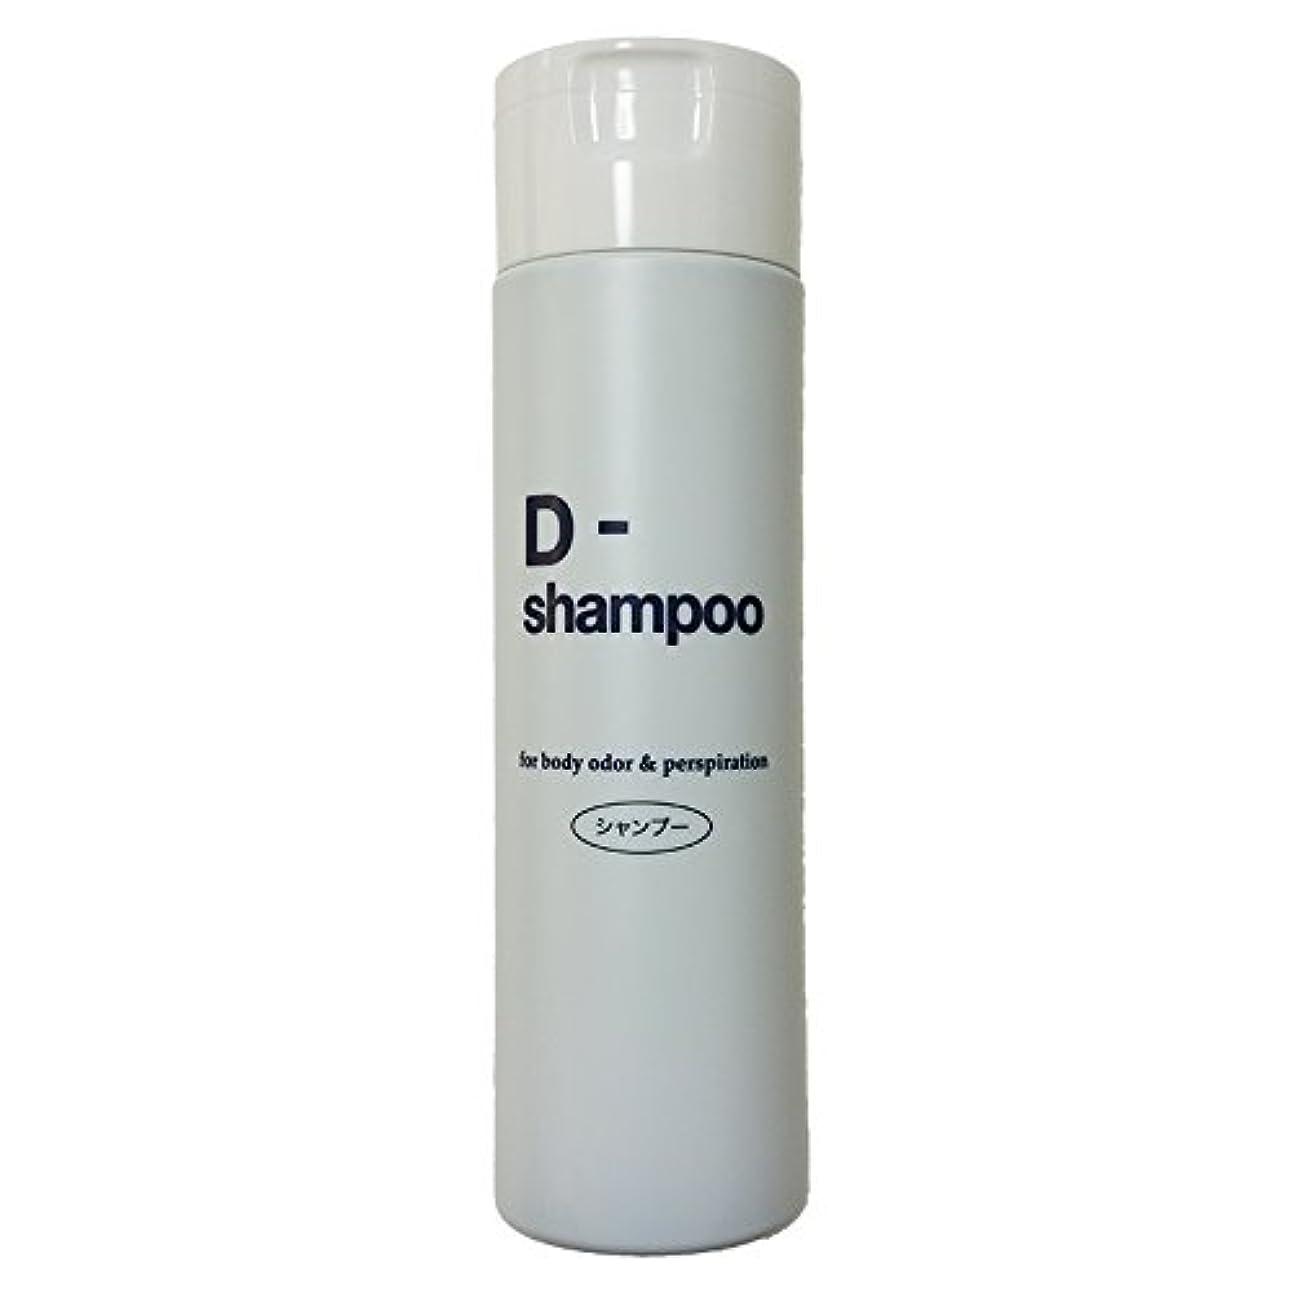 ファンブル世論調査ステレオタイプディーシャンプー(D-shampoo)